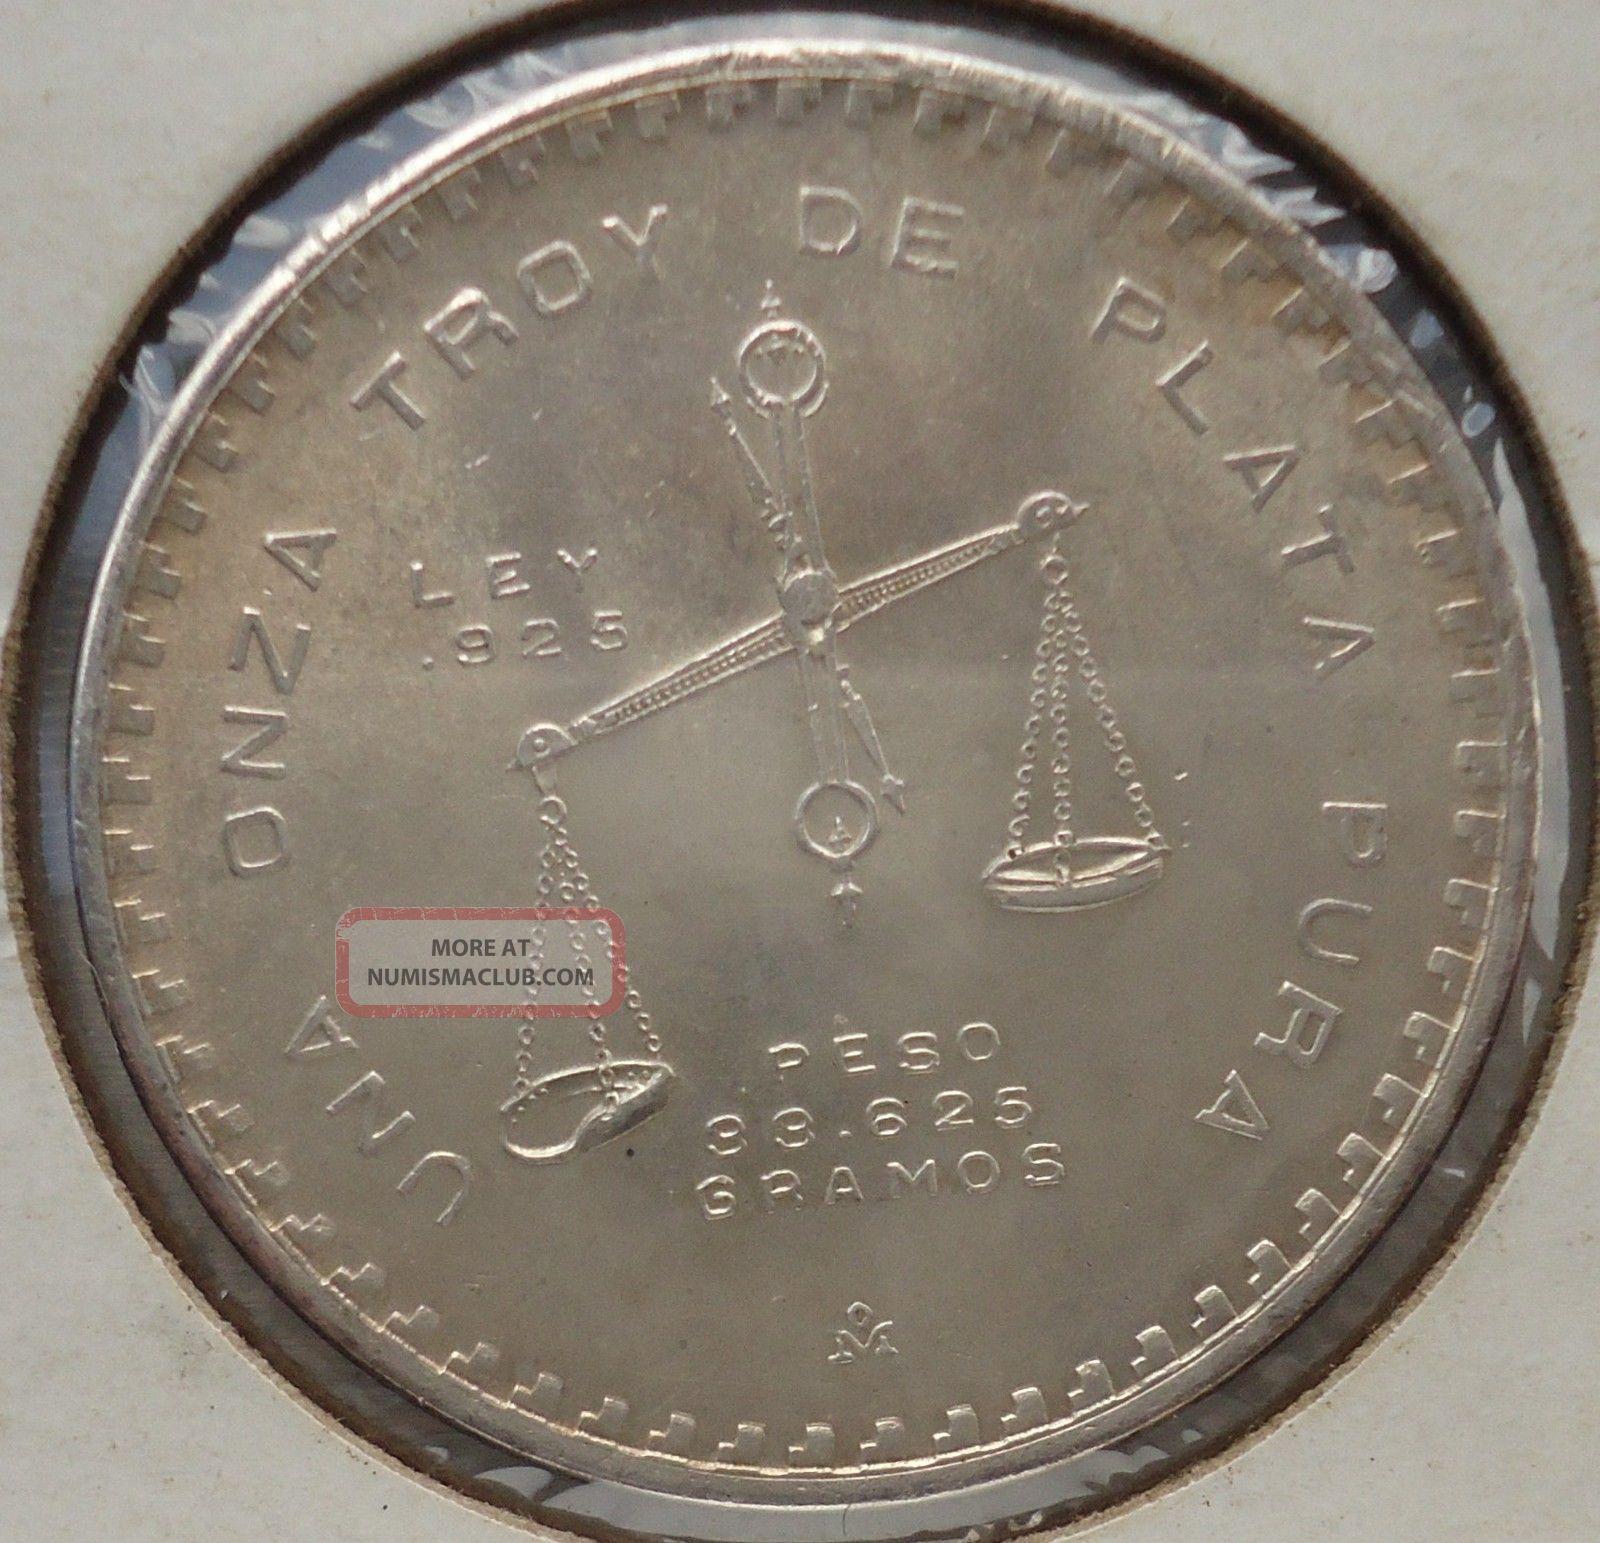 1980 Mexico Quot Onza Quot Troy Casa De Moneda 31 10 Grams